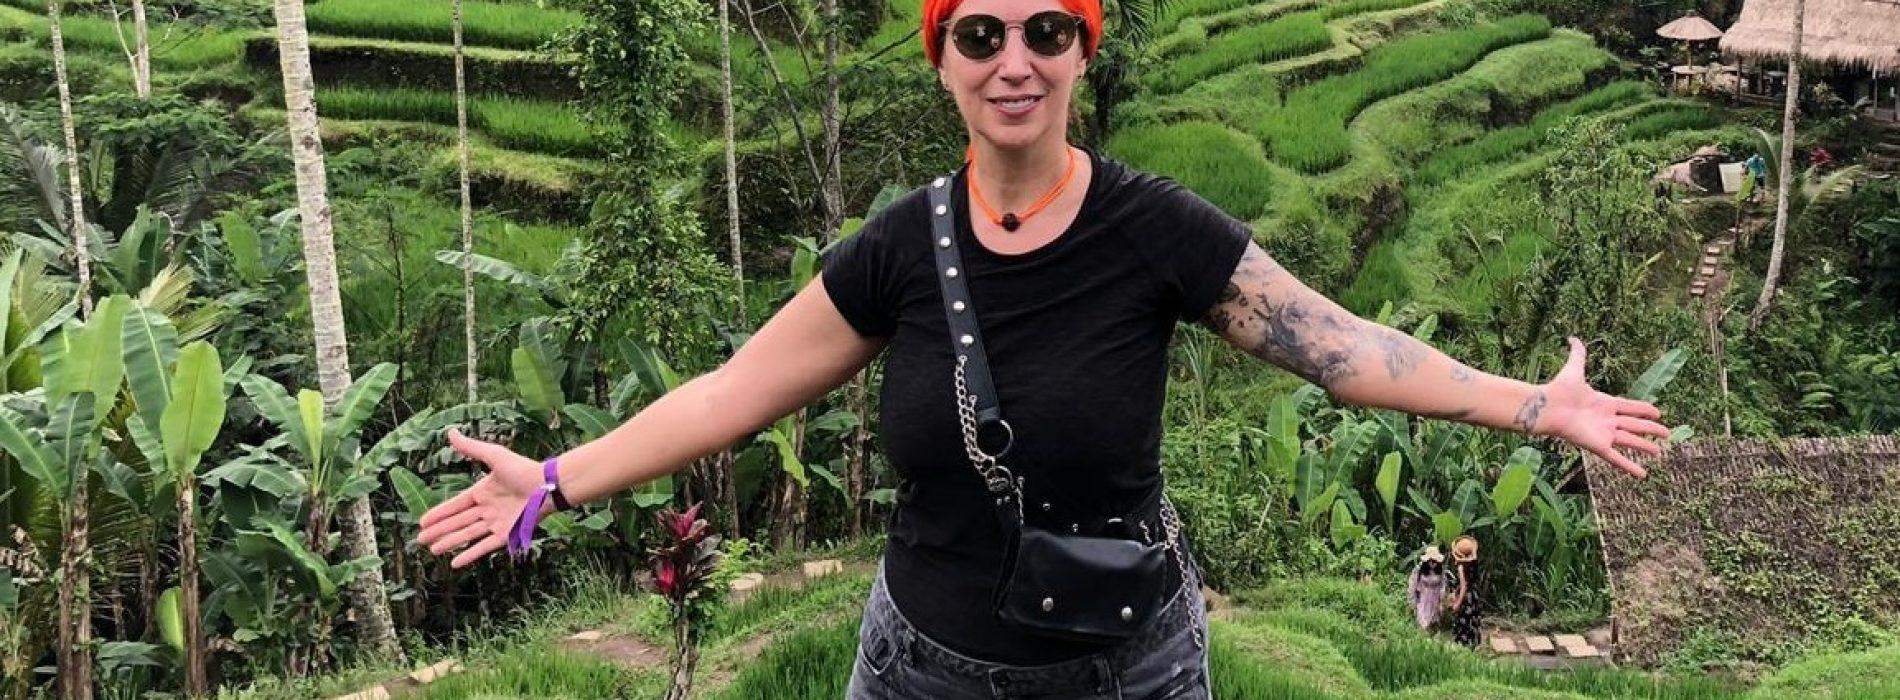 Christina Gramma, autoarea singurei enciclopedii românești de hair design, lansează moda călătorilor estetico-terapeutice